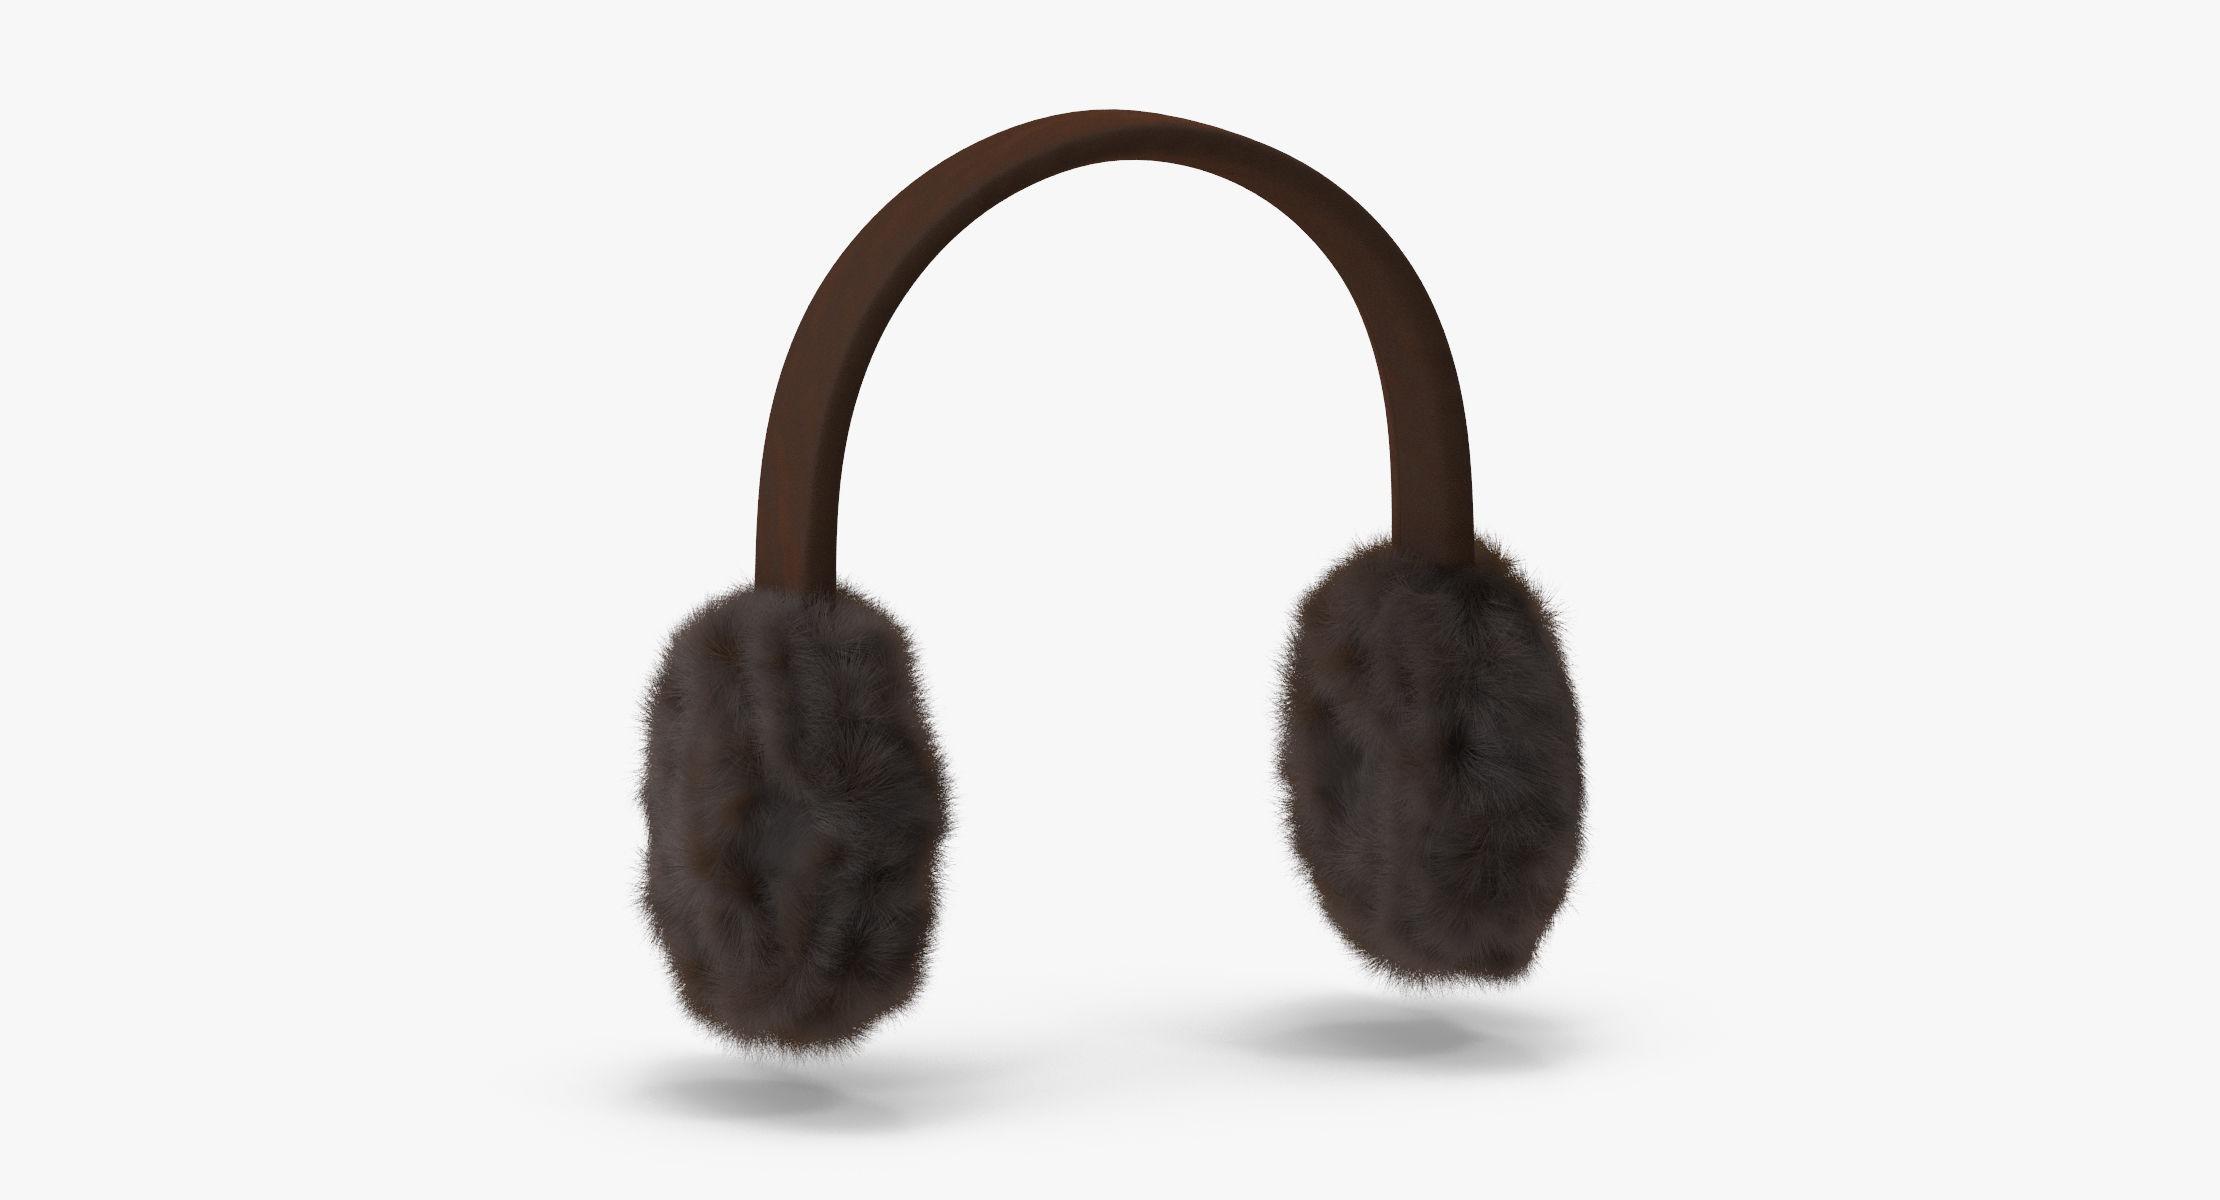 Earmuffs 01 - reel 1